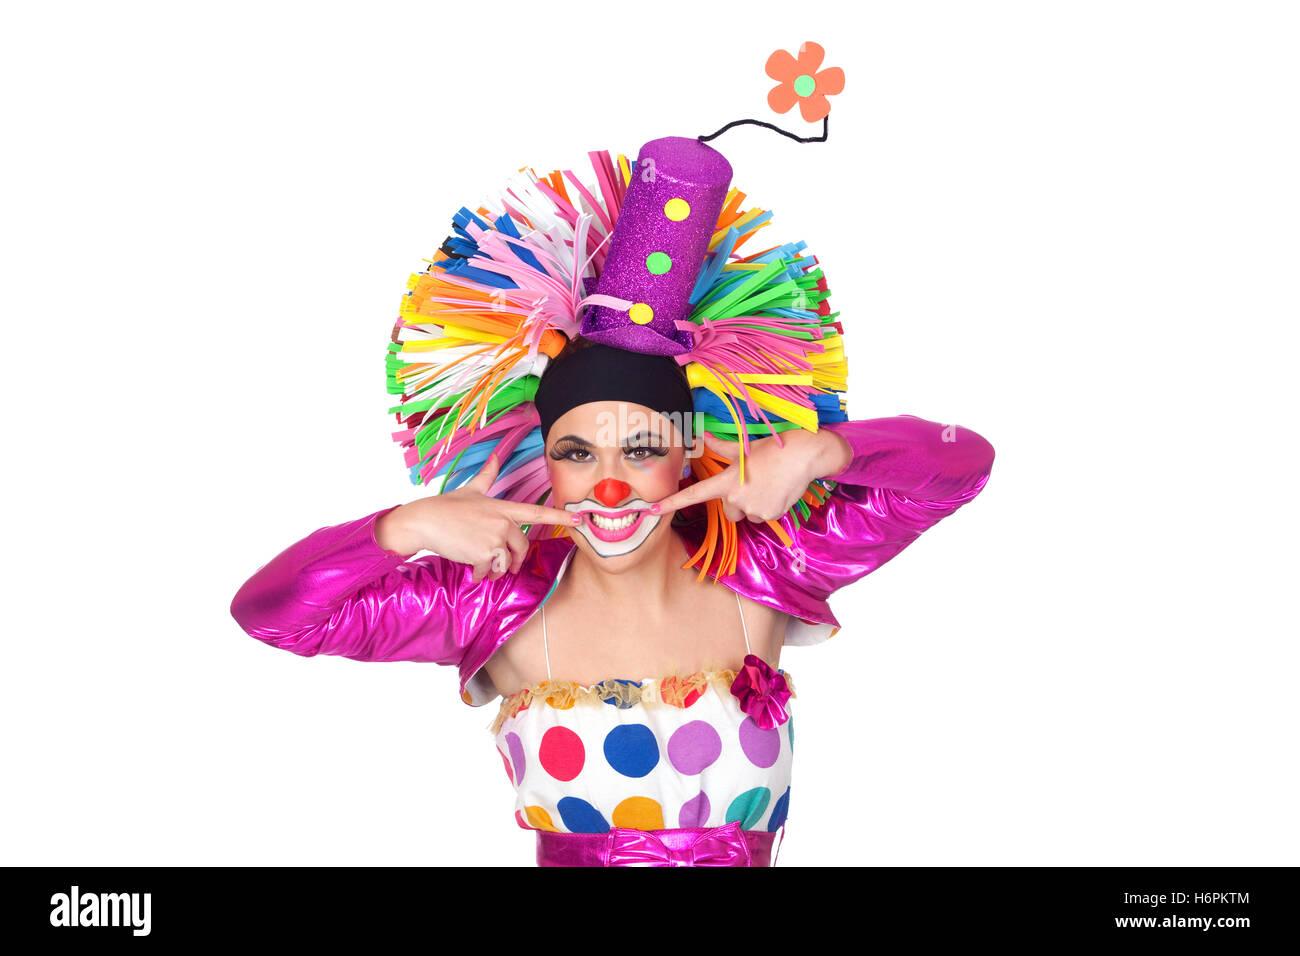 Lustiges Mädchen Clown mit einem schönen Lächeln isoliert auf weißem Hintergrund Stockfoto